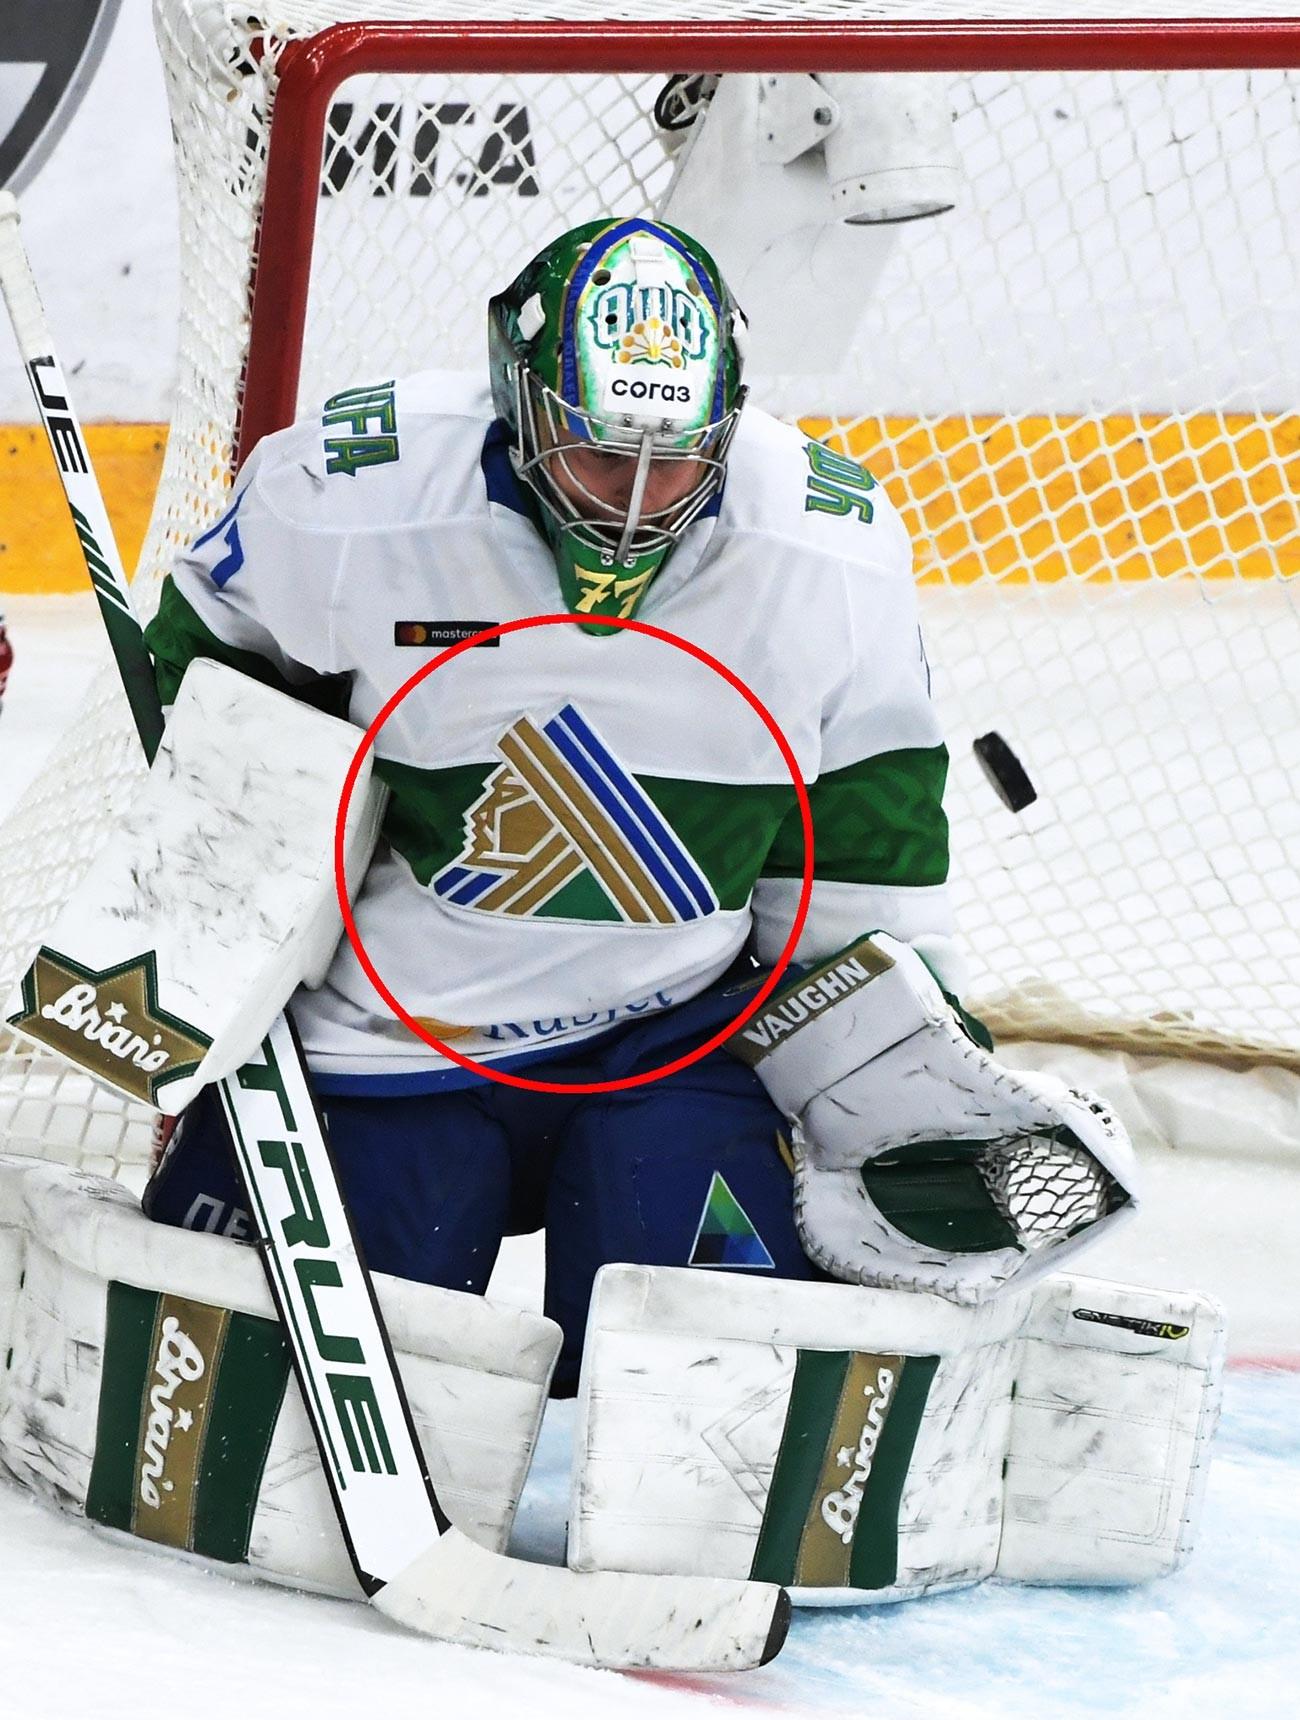 Lo stemma che rappresenta Salavat Julaev impresso sulla maglia del portiere della squadra di hockey su ghiaccio, Juha Metsola